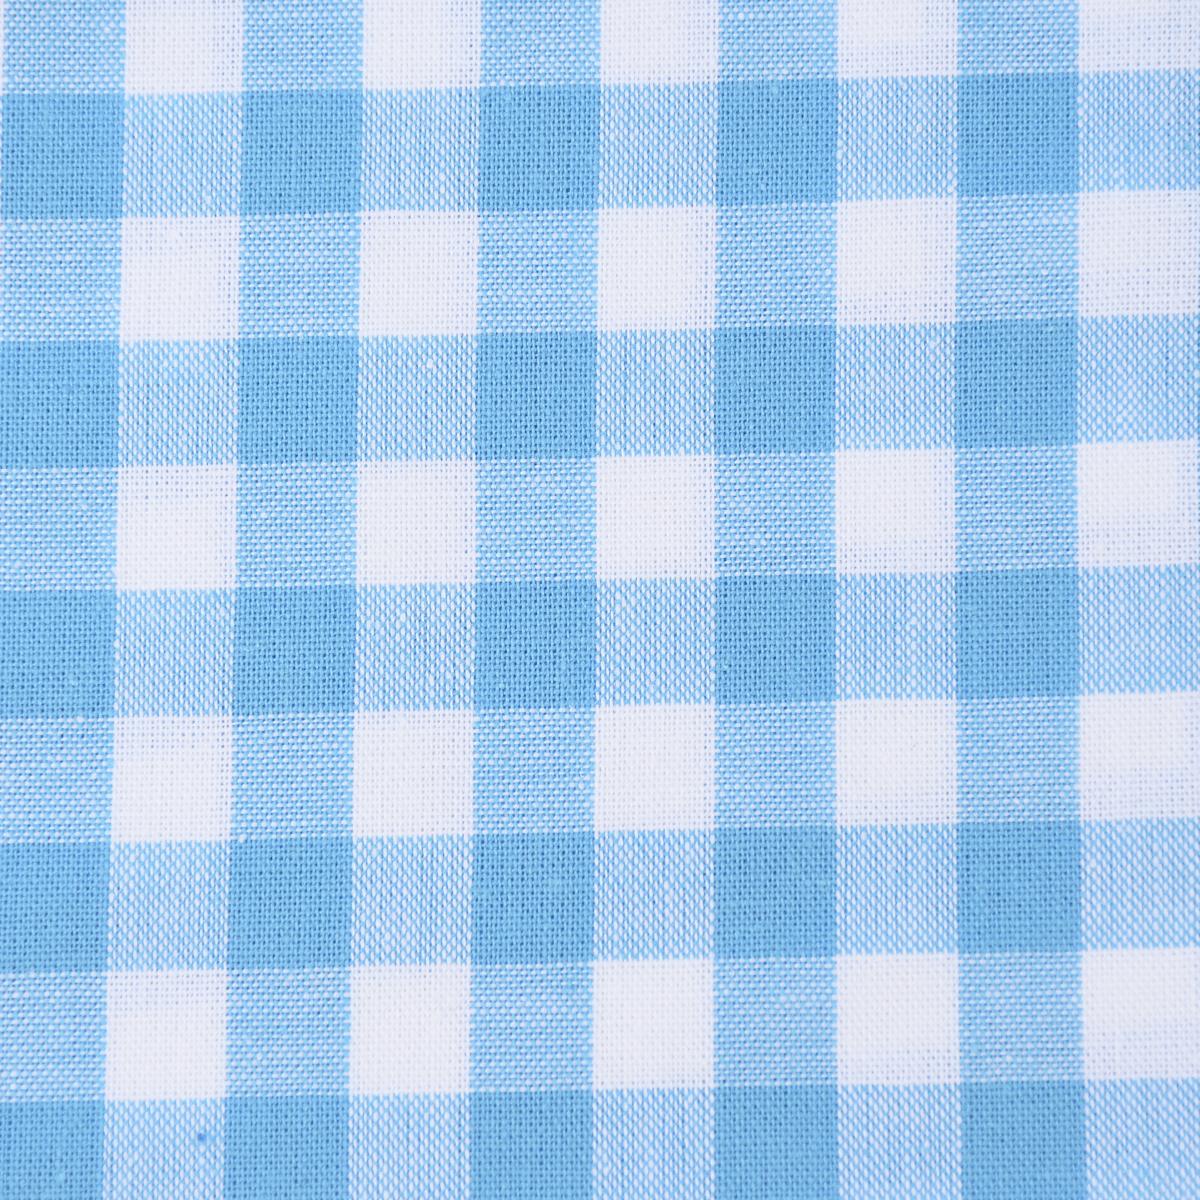 Baumwollstoff kariert weiß türkis 9mm 1,4m Breite